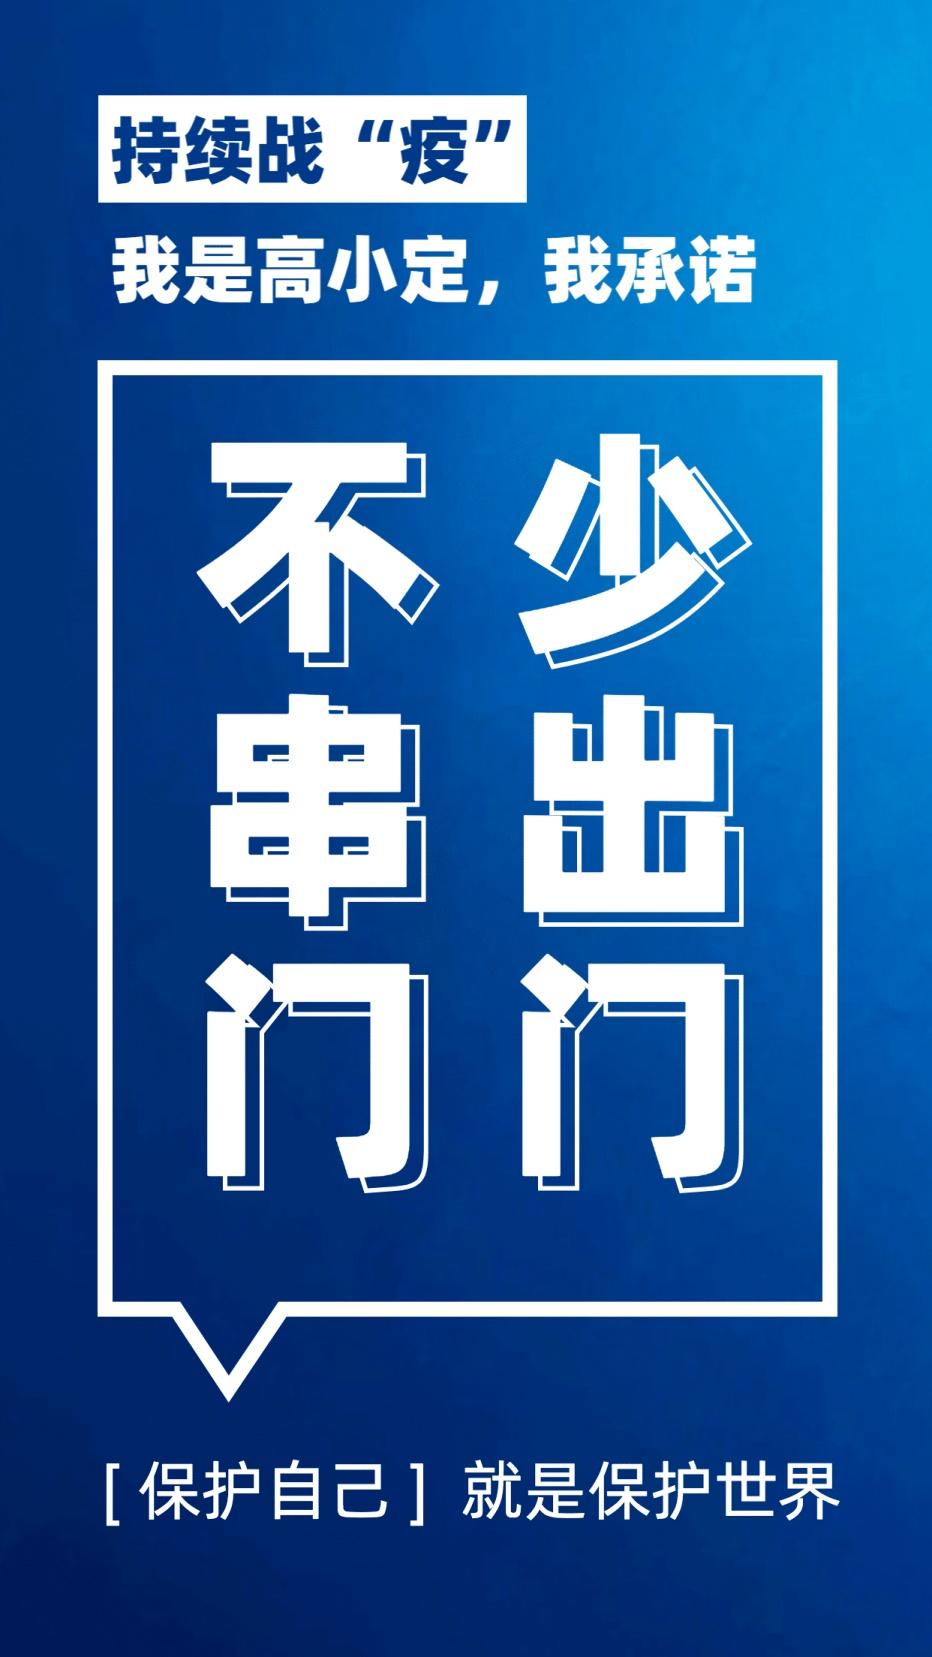 肺炎疫情响应号召预防传染手机海报